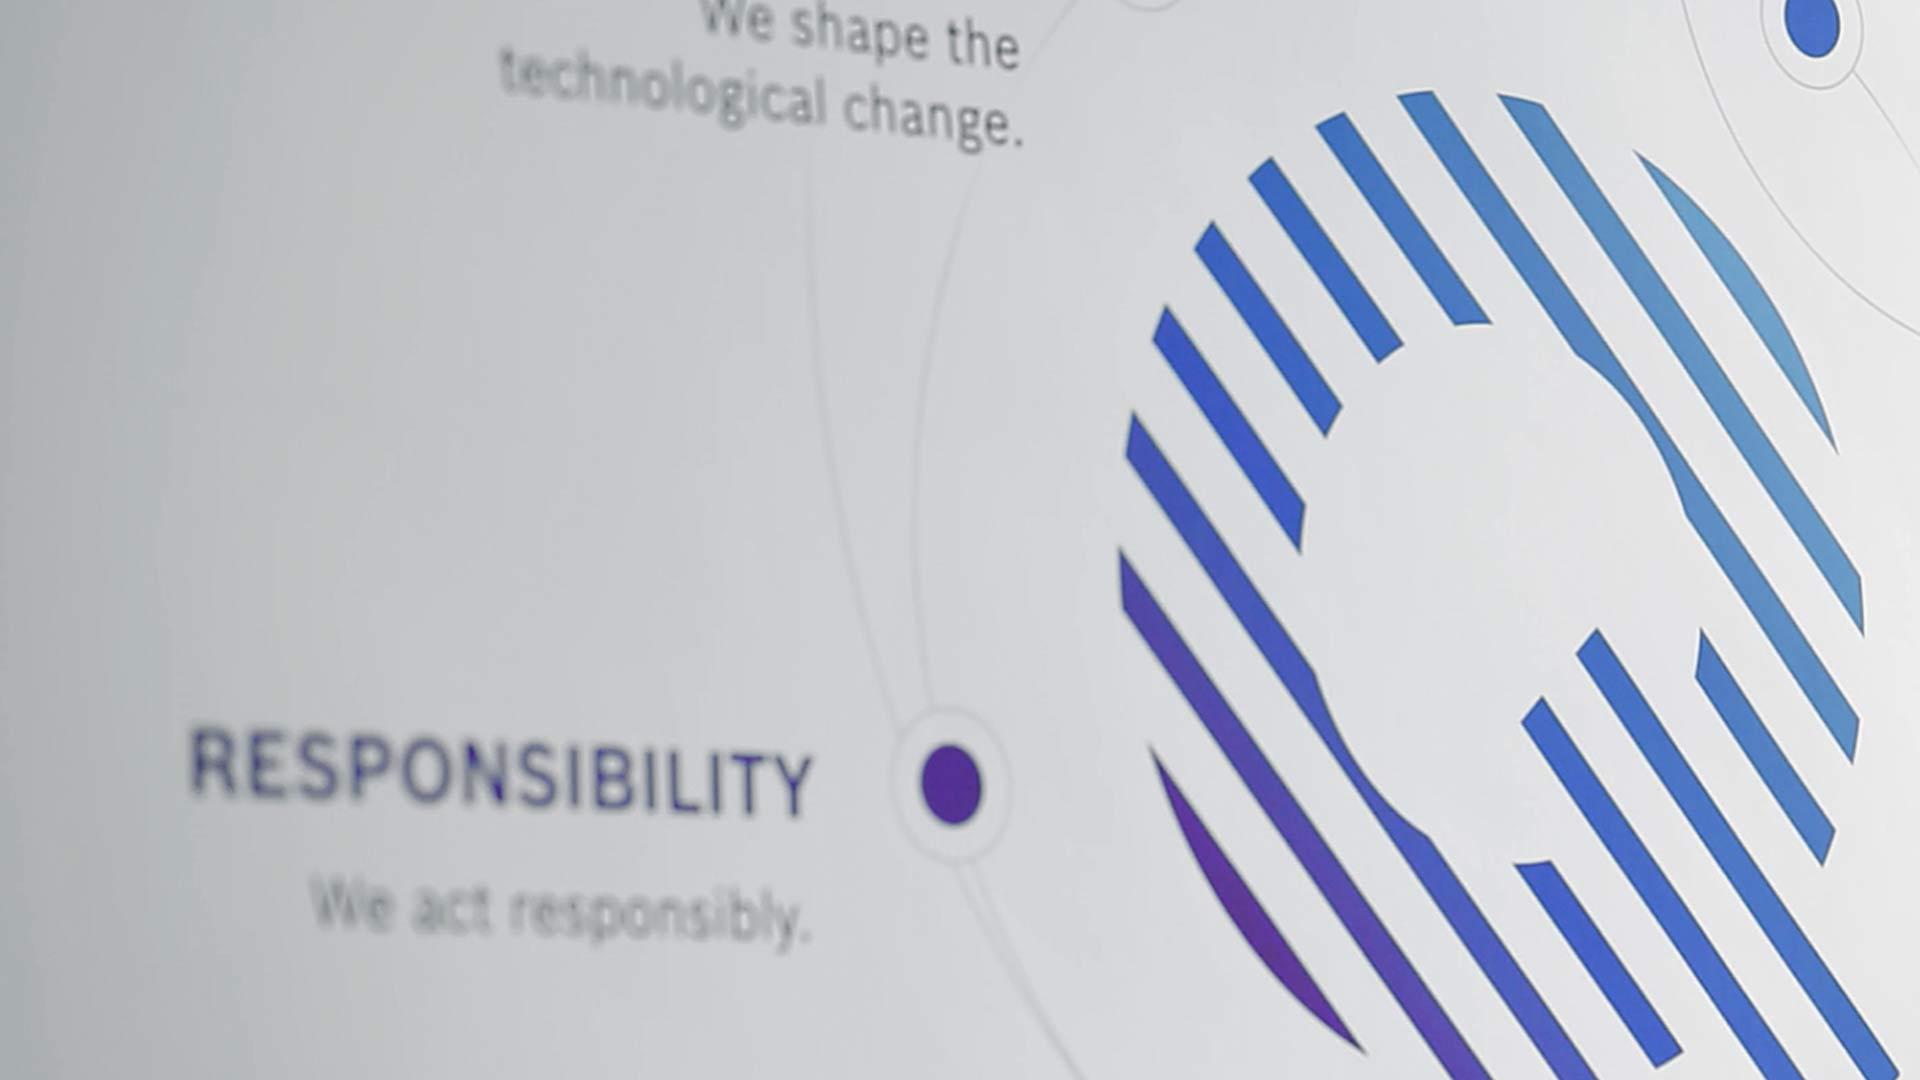 Bosch - Einführung der neuen Quality Principles